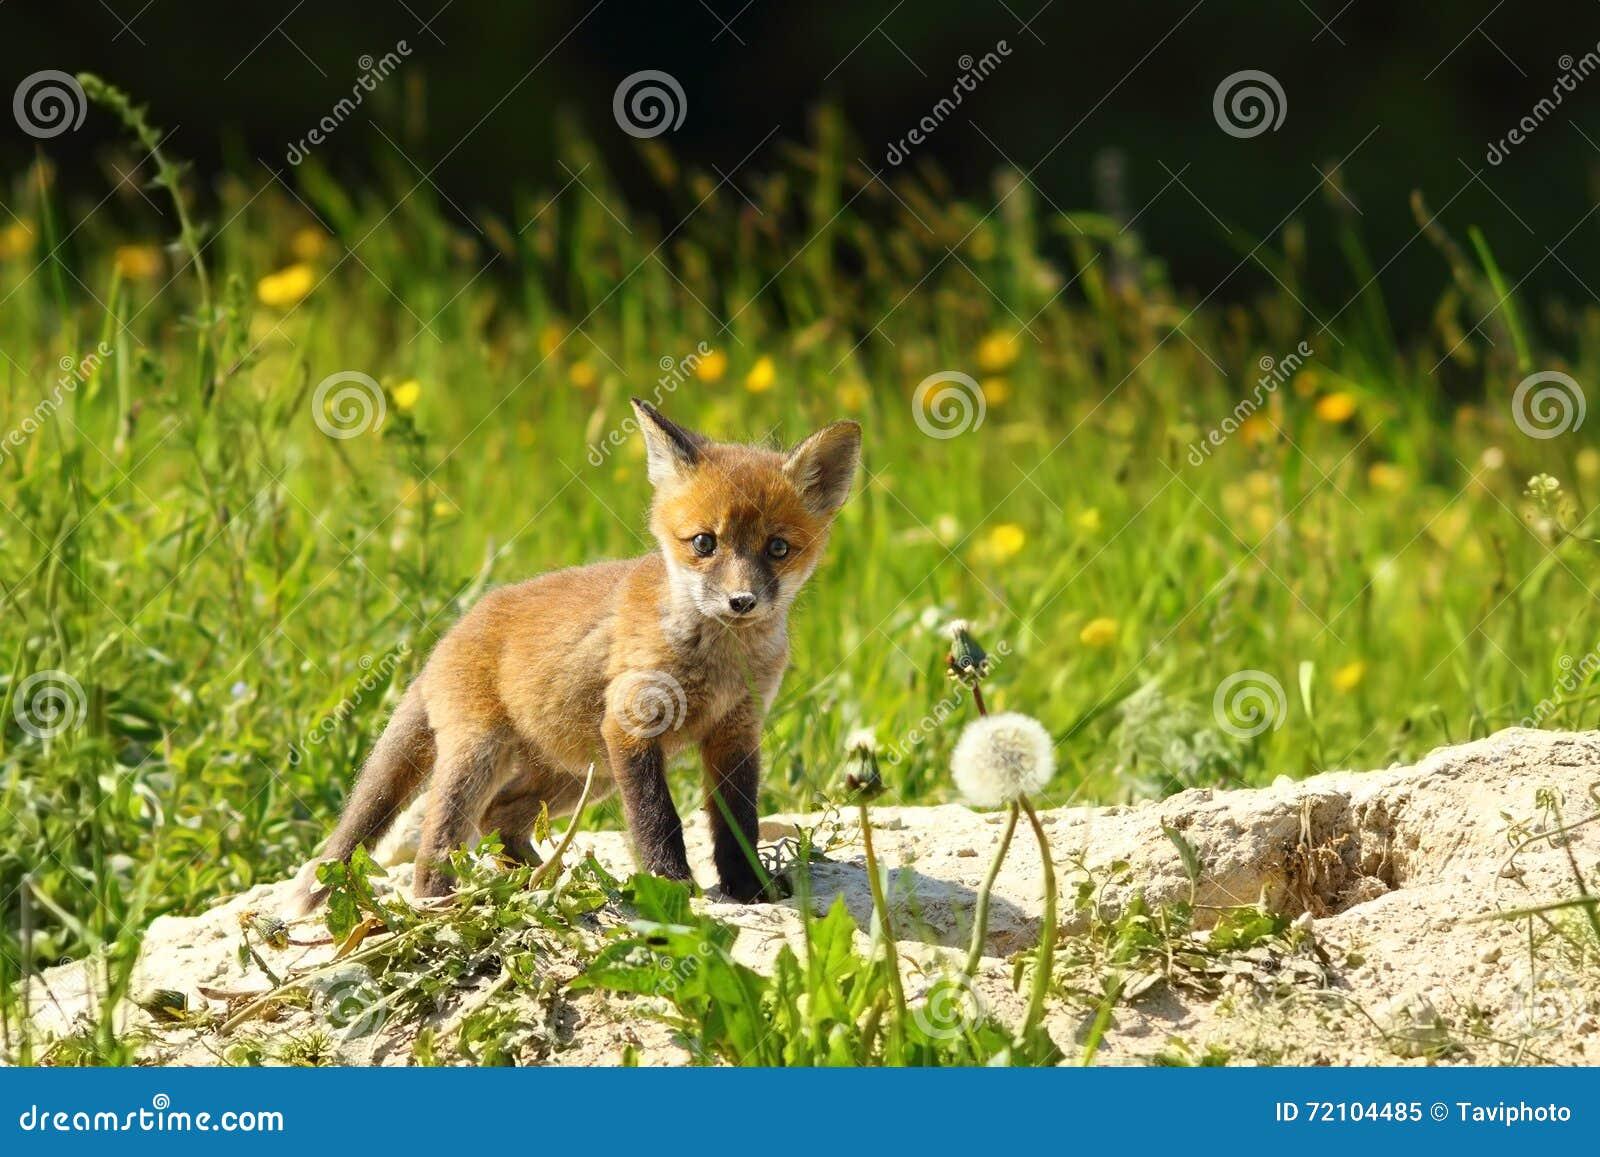 Petit animal mignon de renard rouge regardant l 39 appareil - Animal mignon ...